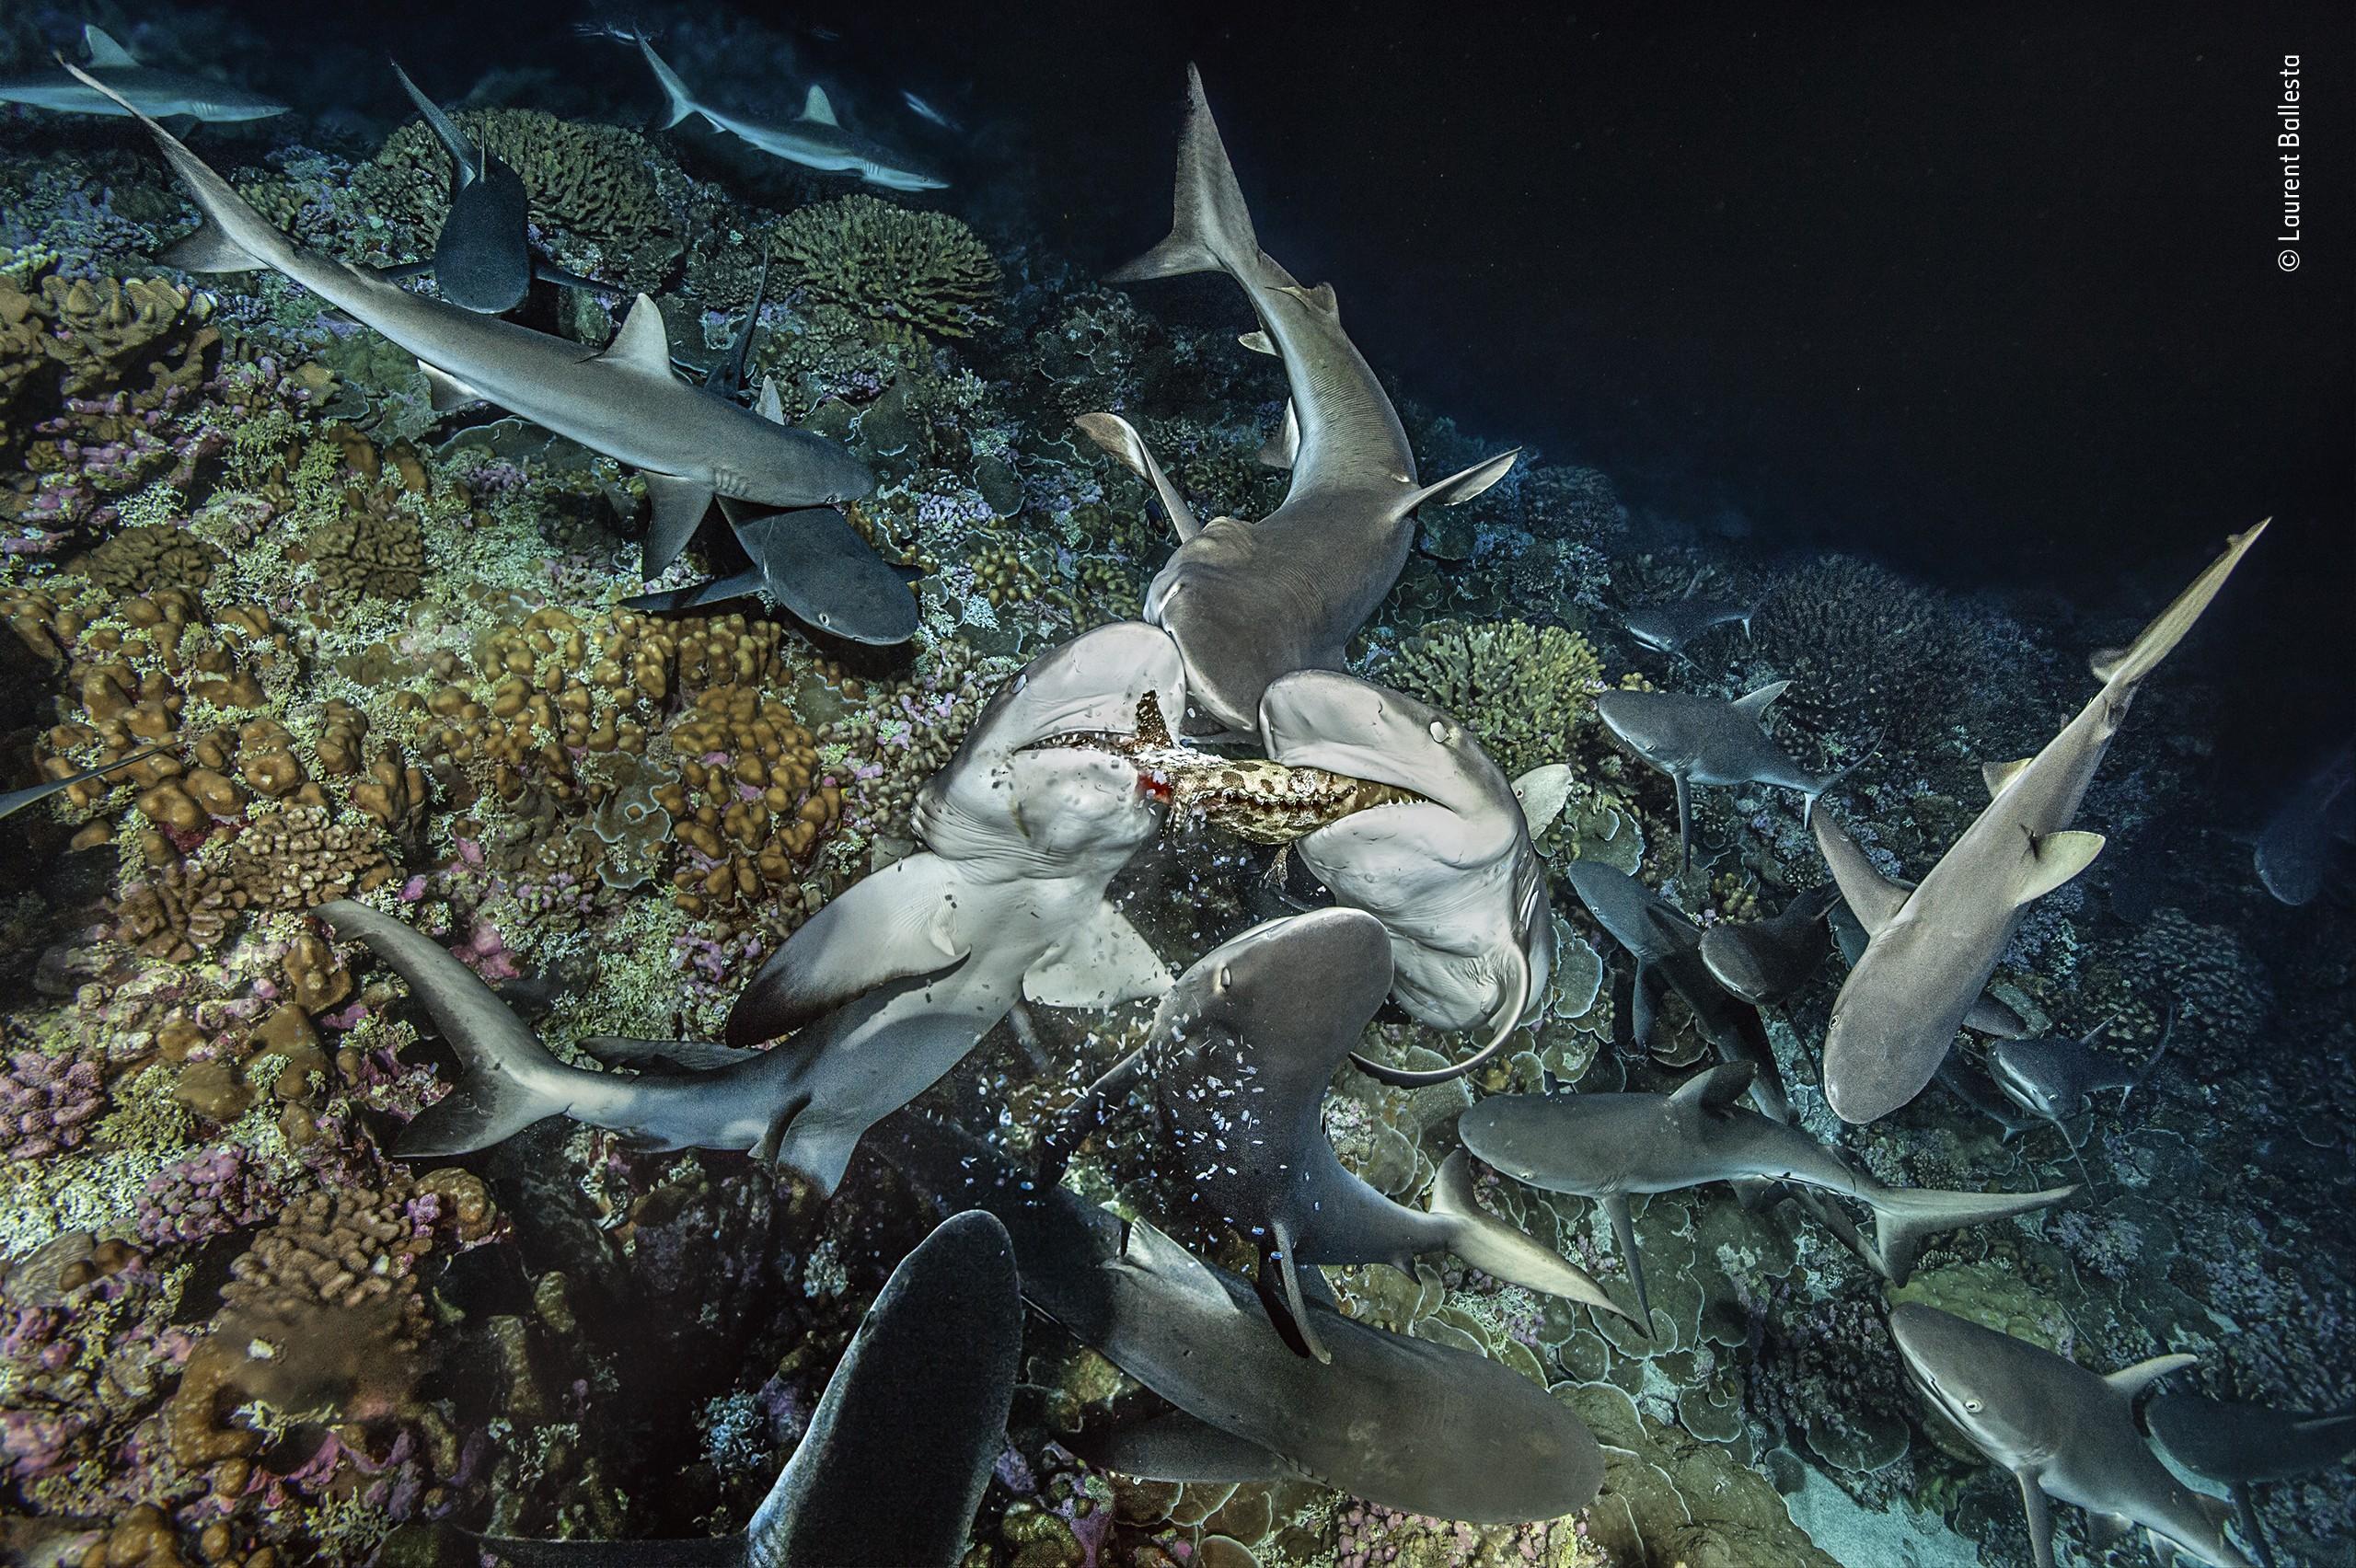 «Четвертовать». Серые рифовые акулы делят морского окуня. Фотограф Лоран Баллеста